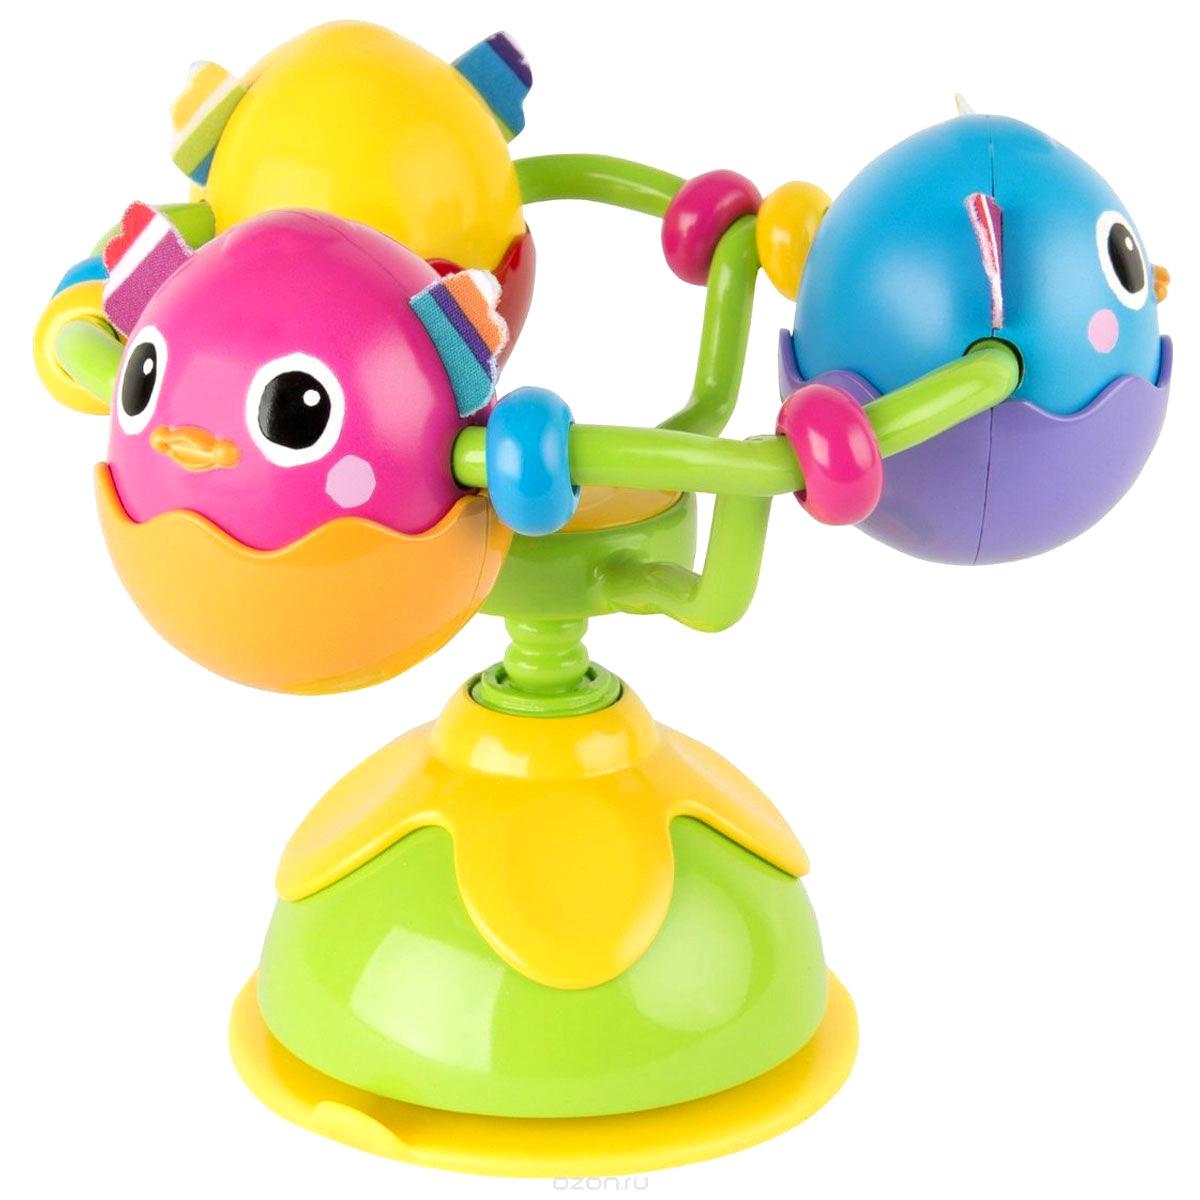 Игрушка с присоской на стульчик – Веселые утятаДетские погремушки и подвесные игрушки на кроватку<br>Игрушка с присоской на стульчик – Веселые утята<br>